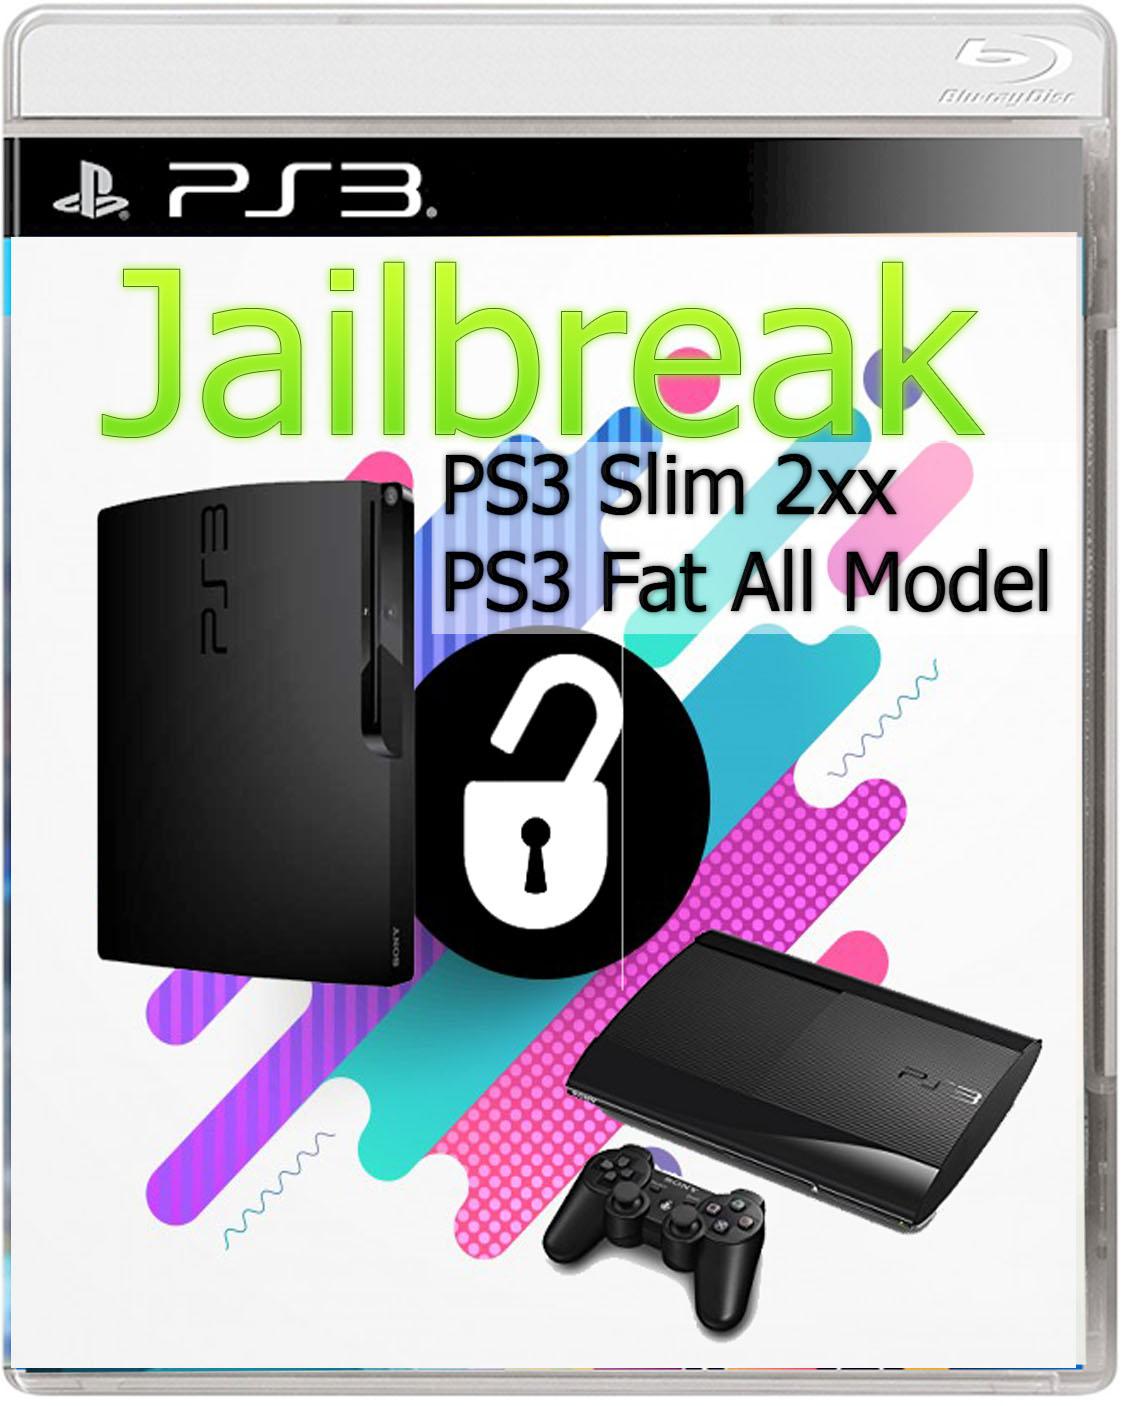 Tutorial Jailbreak PS3 PS3 Slim 2xx and PS3 Fat all models